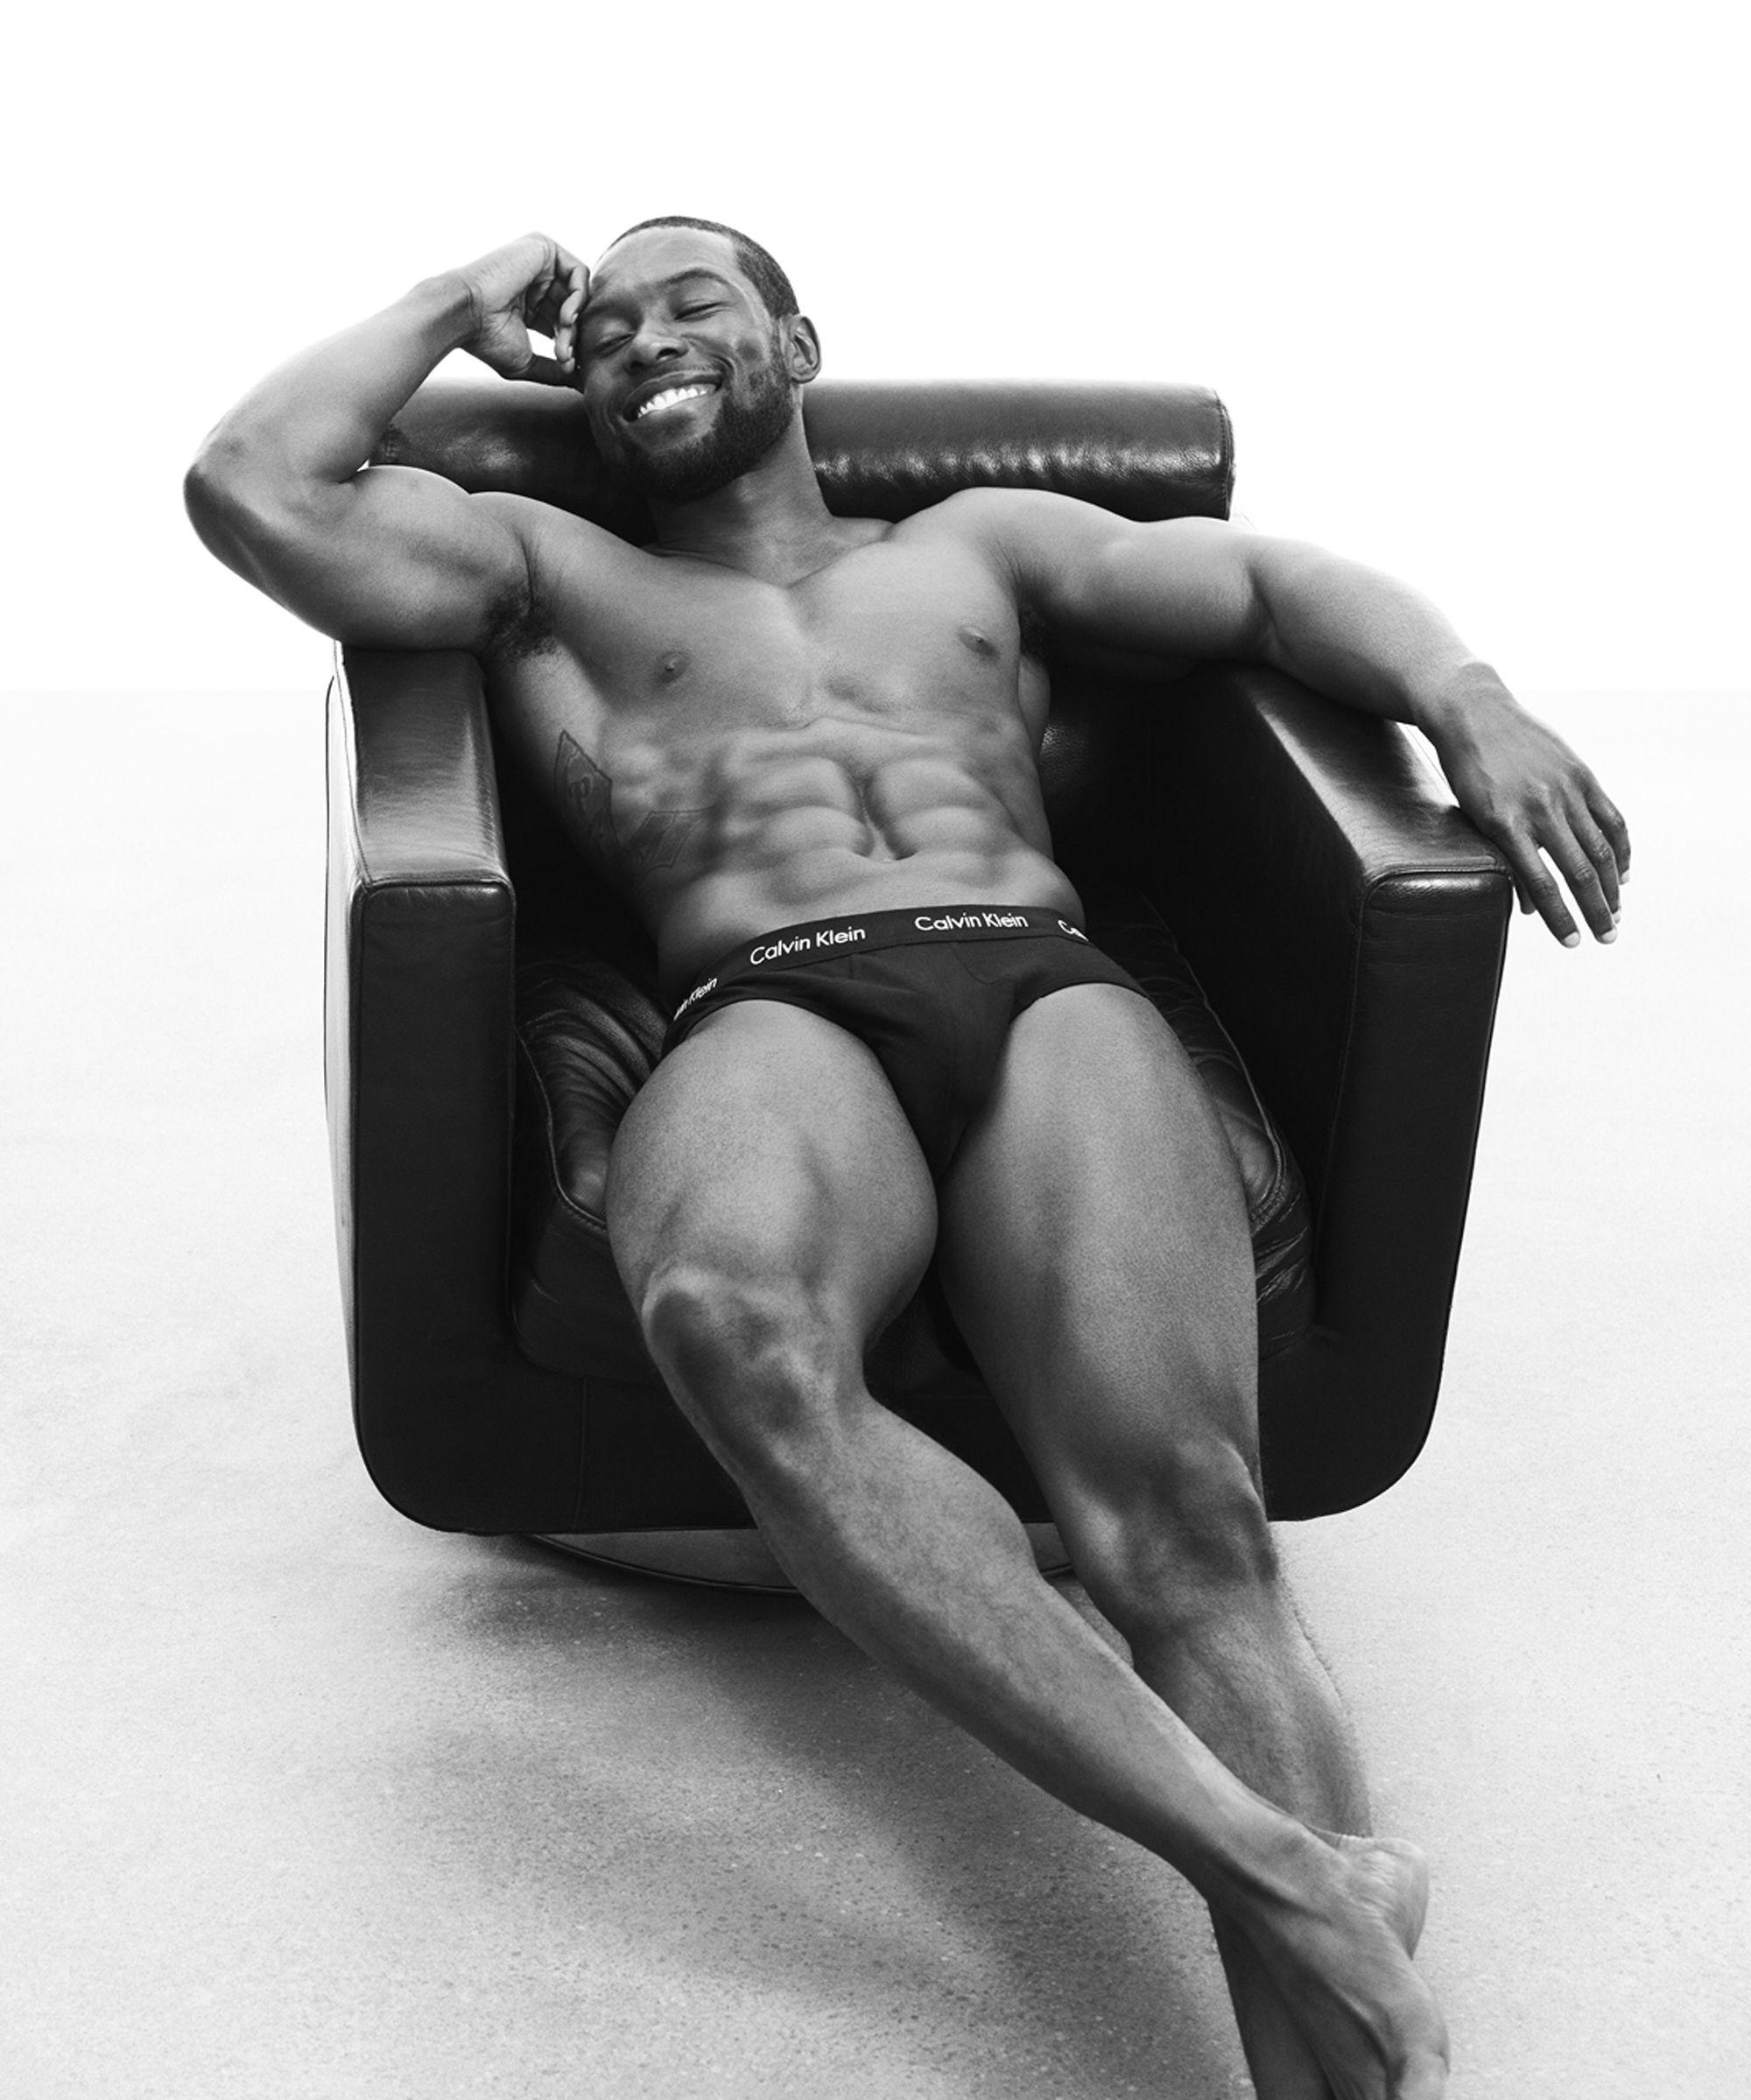 celebrity calvin klein underwear ads trevante rhodes